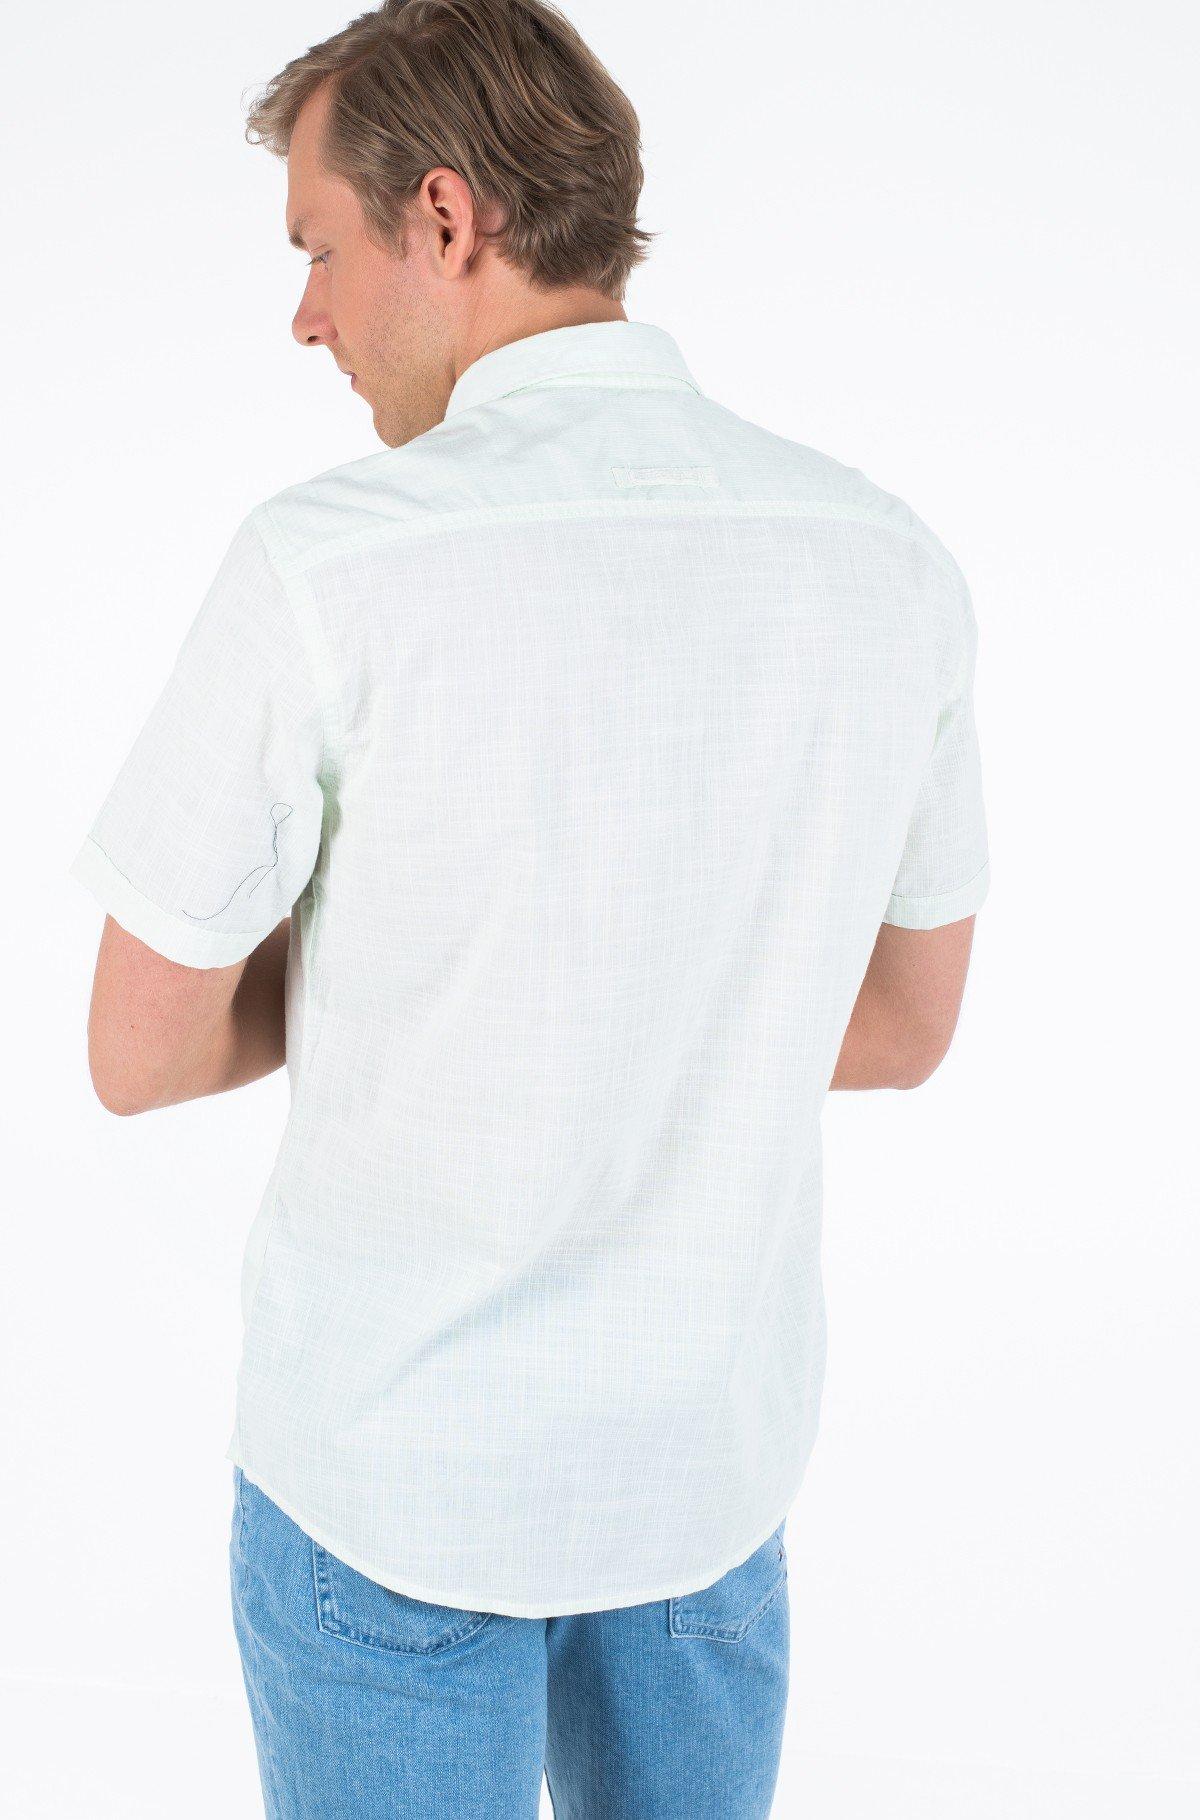 Marškiniai su trumpomis rankovėmis 409221/3S32-full-2